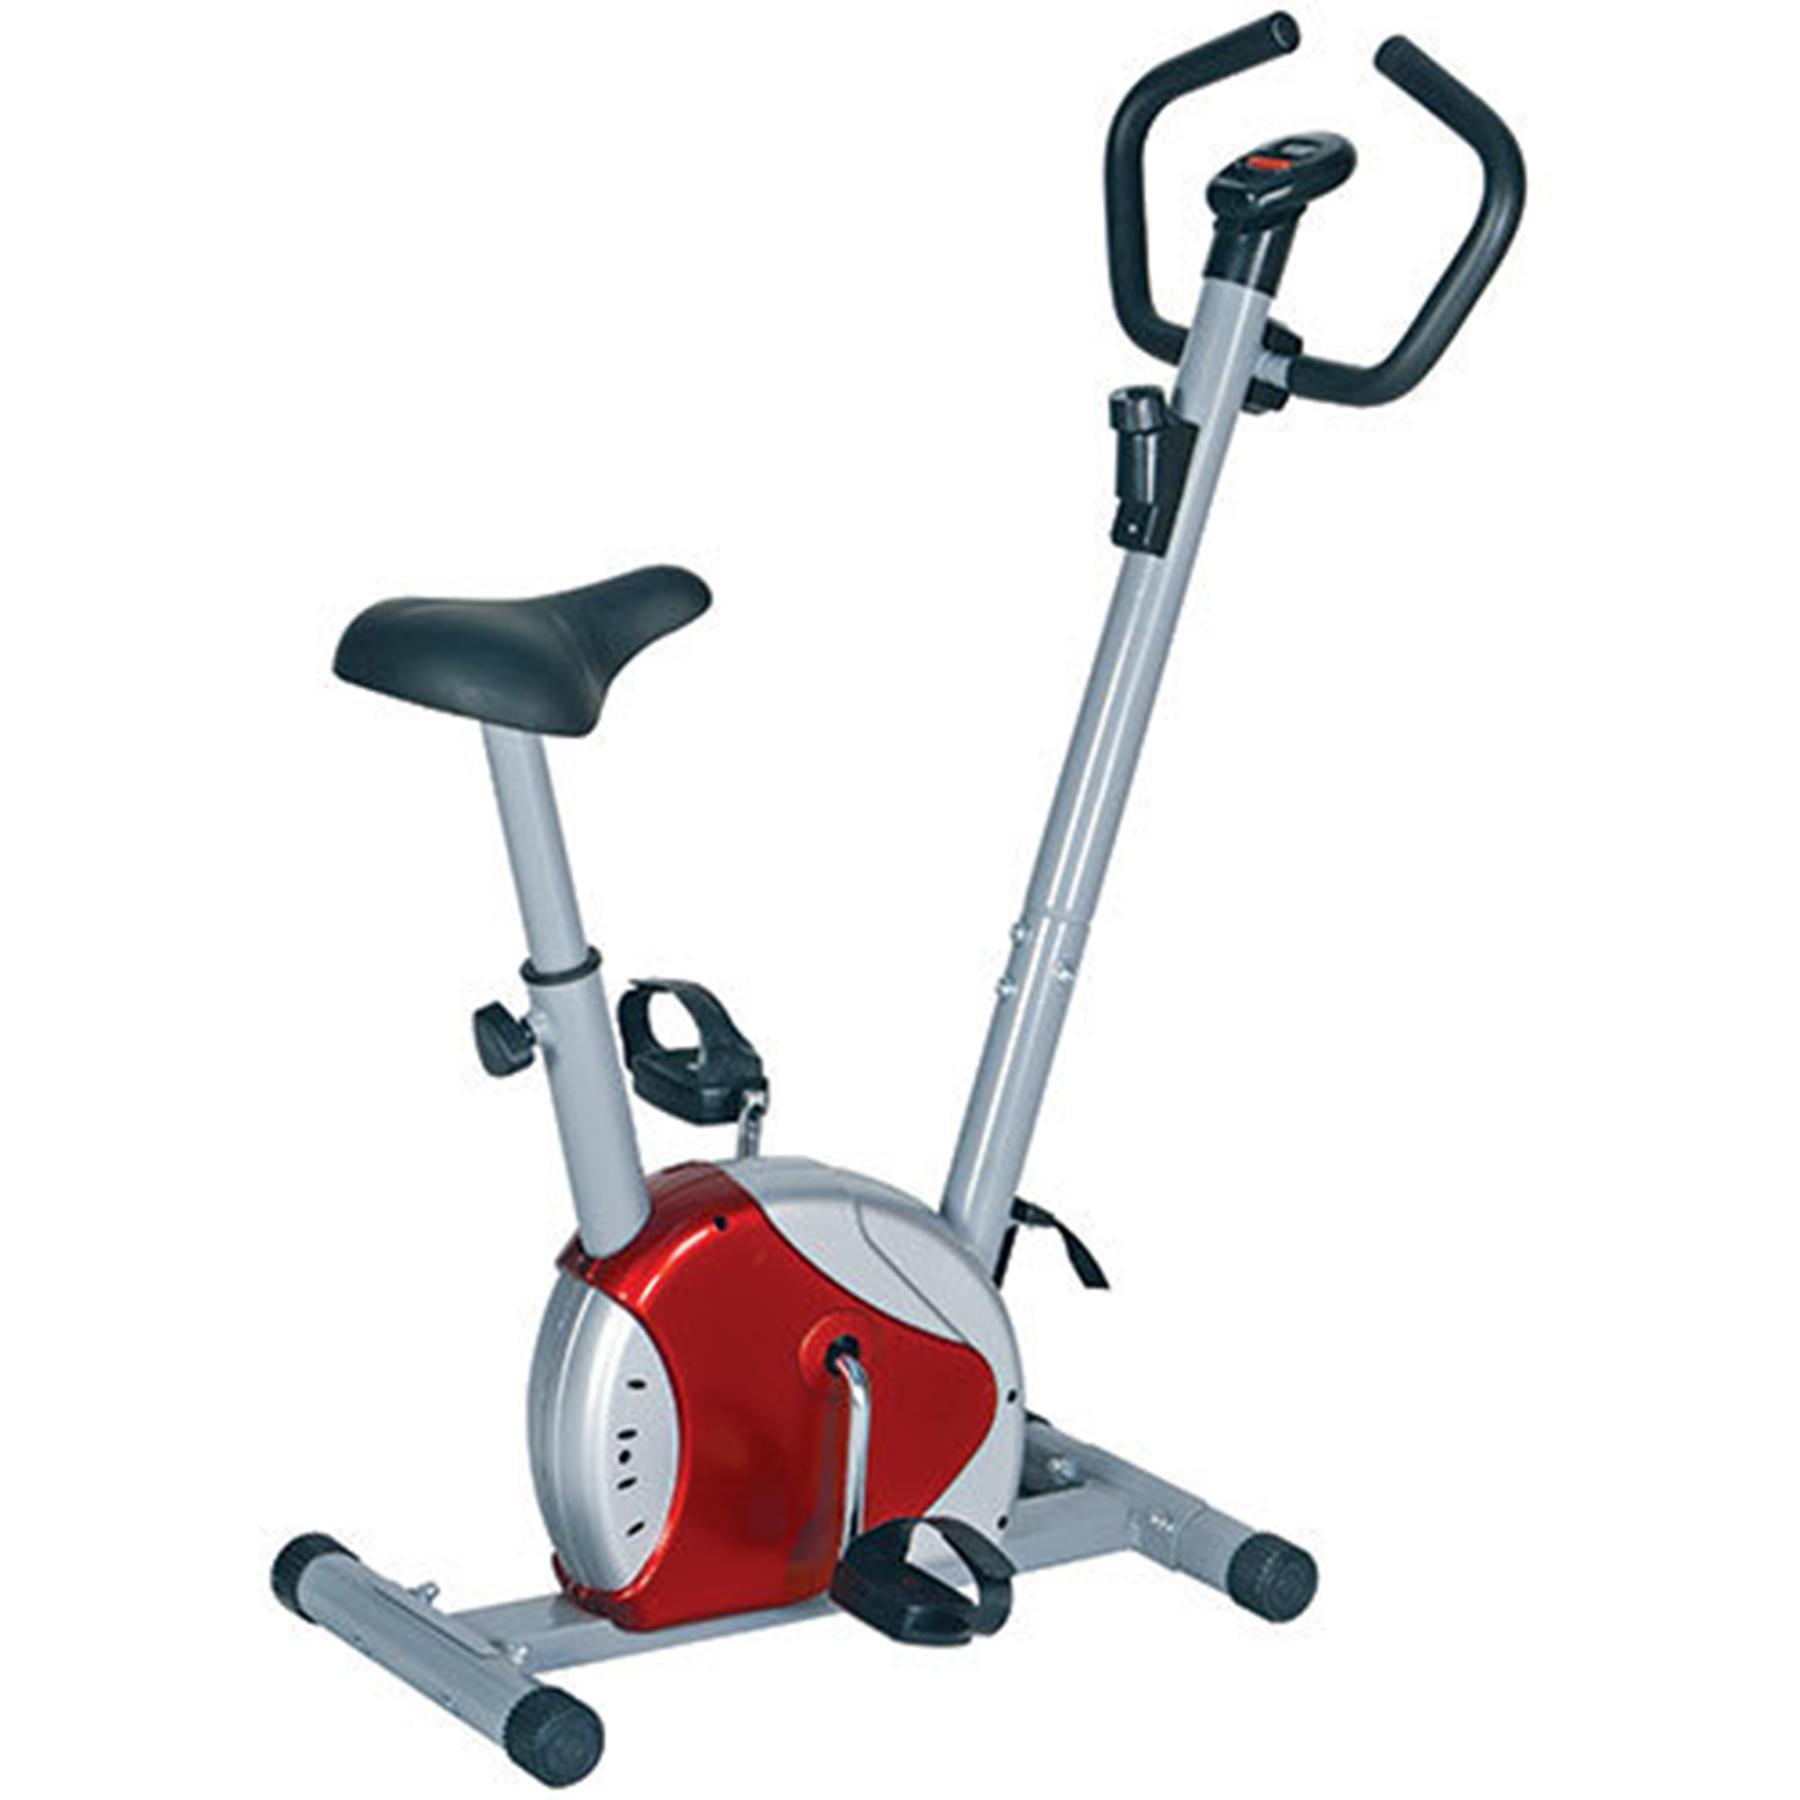 Велотренажер механический BC SE-100, макс вес пользователя 100кг НОВИНКА!!!